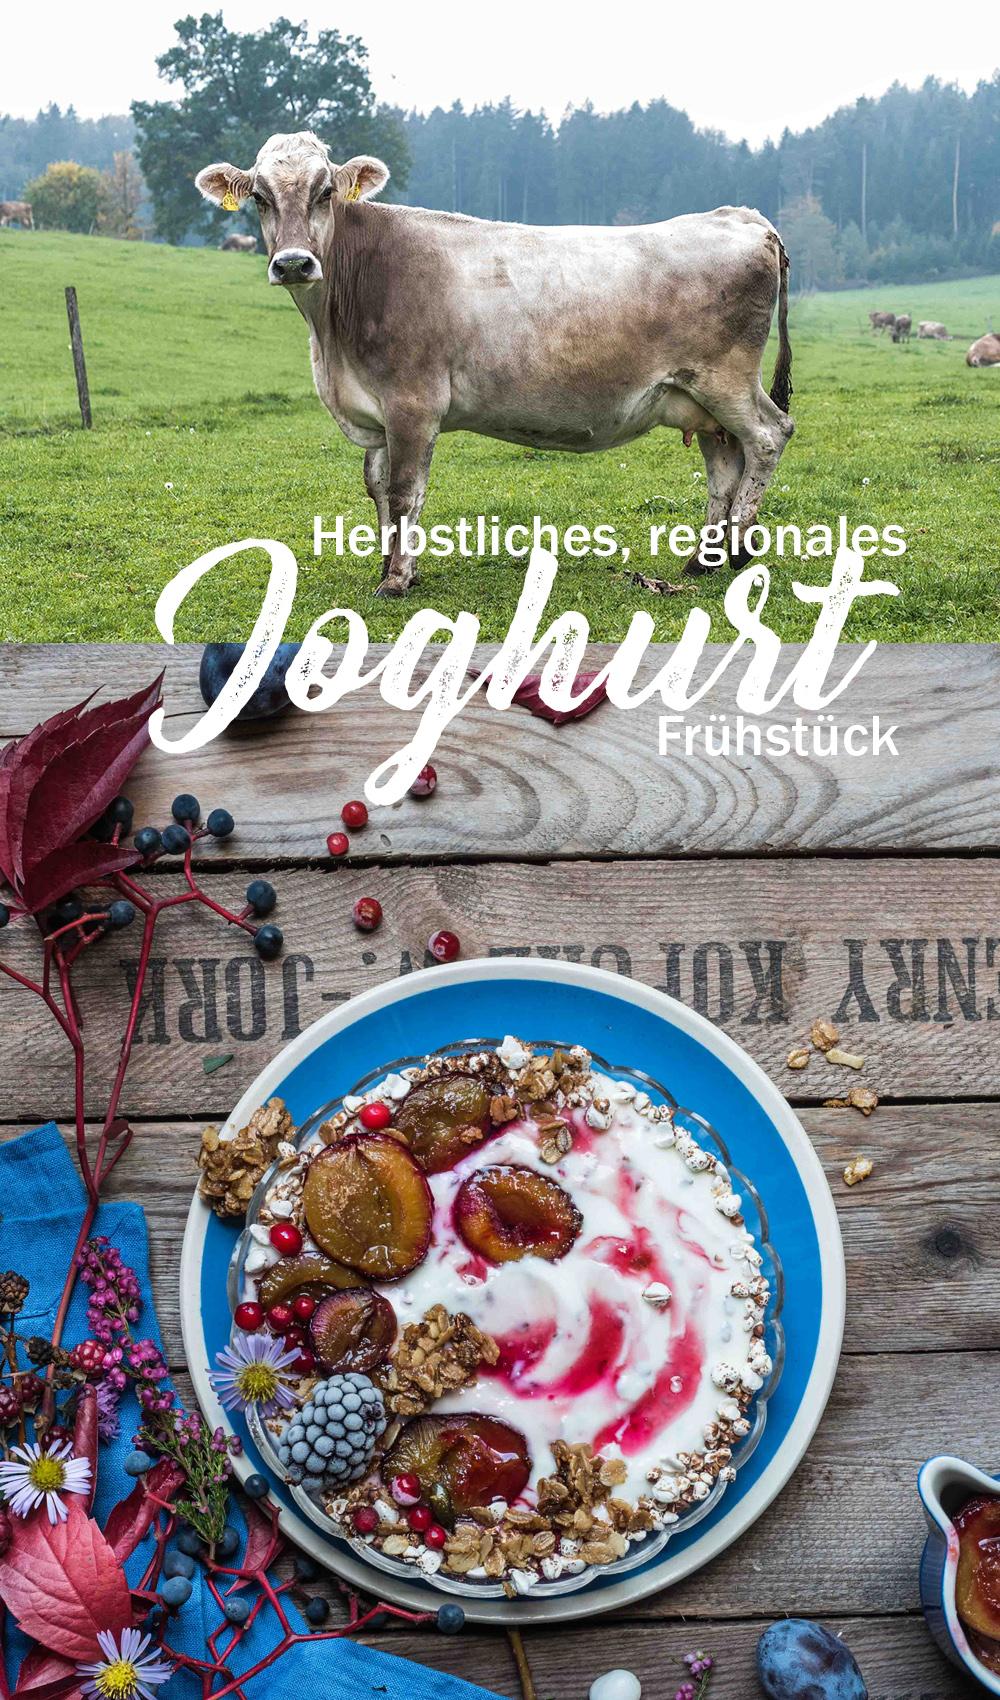 Herbstliches Joghurt Frühstück mit vollwertigen regionalen Zutaten